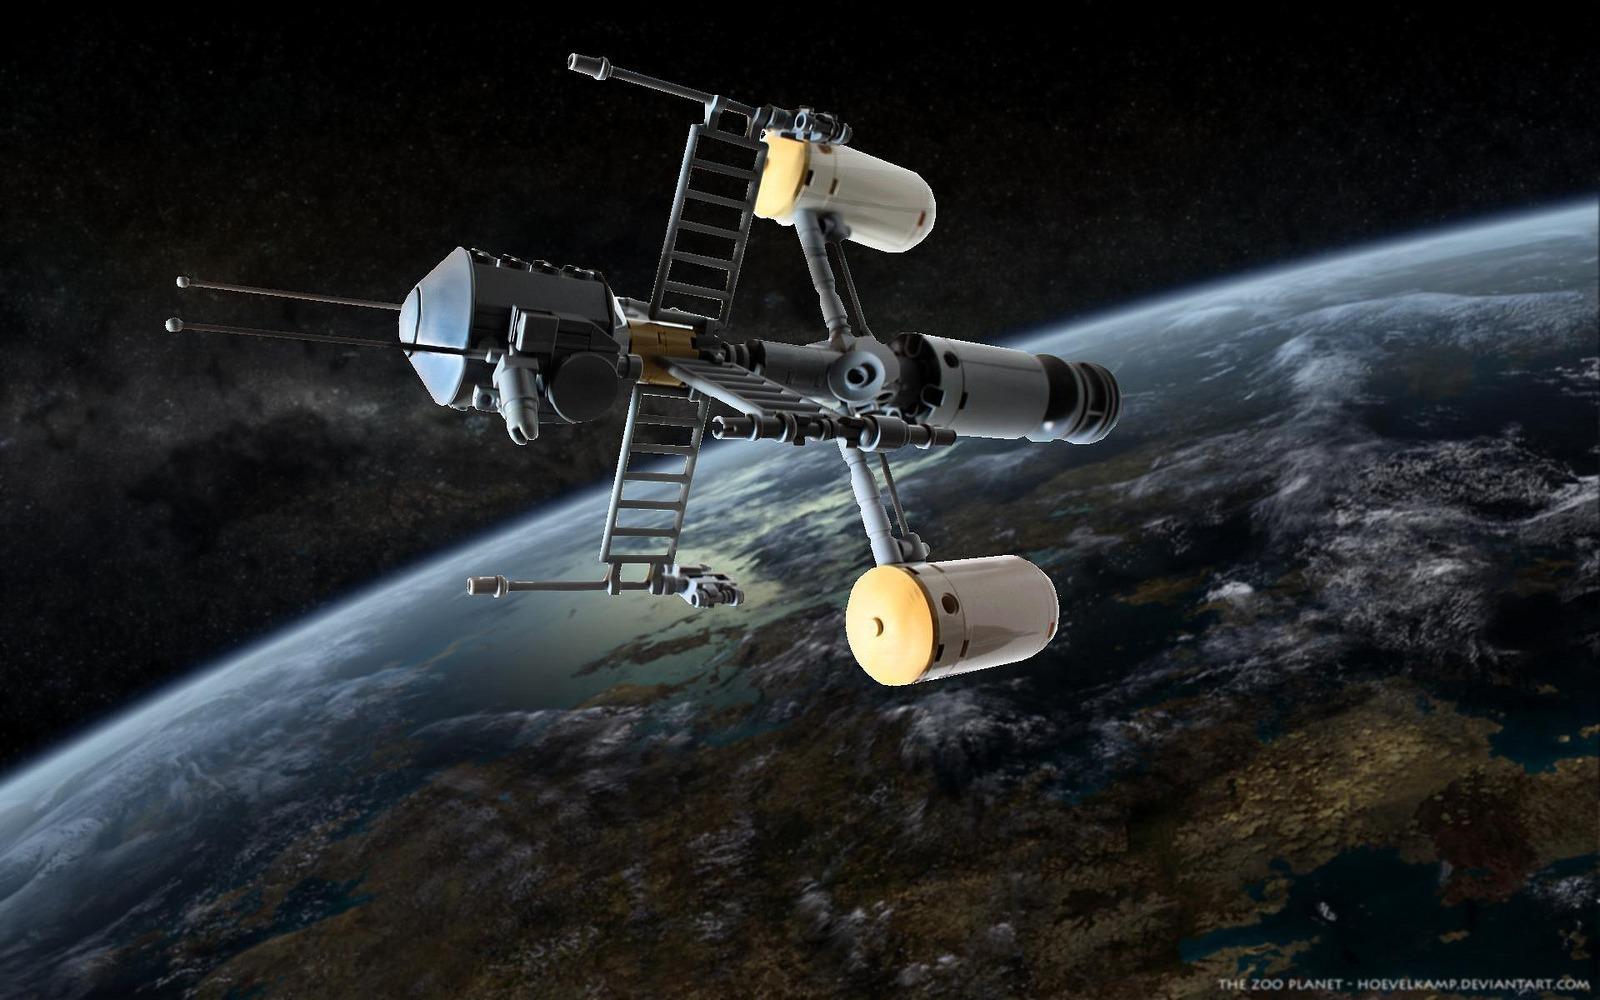 Elevii români au câștigat un concurs NASA care avea ca scop proiectarea unei colonii umane pe Venus. Foto: John Moffatt / Flickr